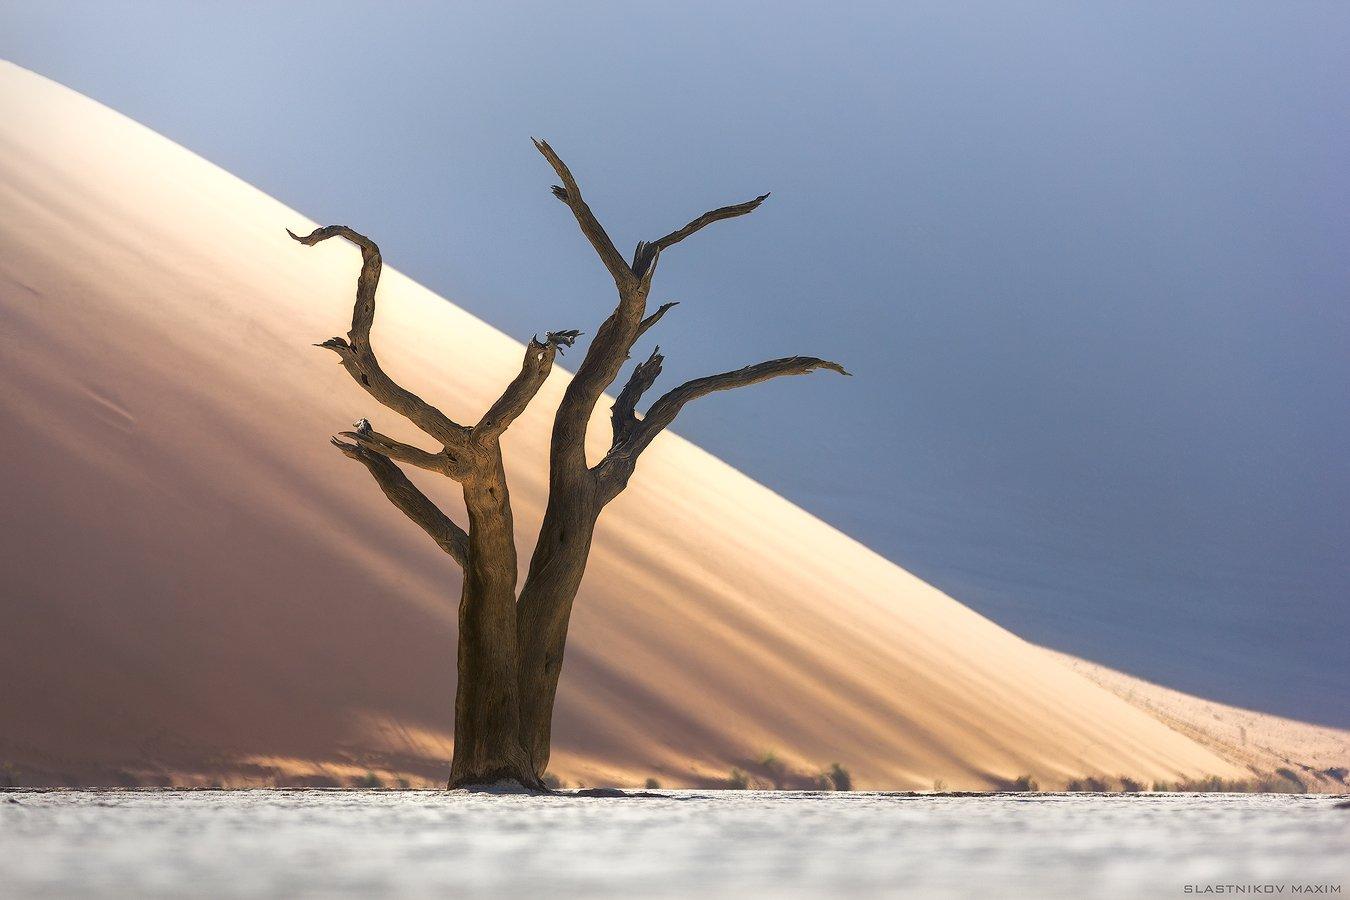 намибия, пустыня, дюны, лес, деревья, песок, время, африка, путешествия, соль, плато, озеро, travel, explore, namibia, outdoor, travel, deadvlei, tree, dunes, desert, africa, Максим Сластников